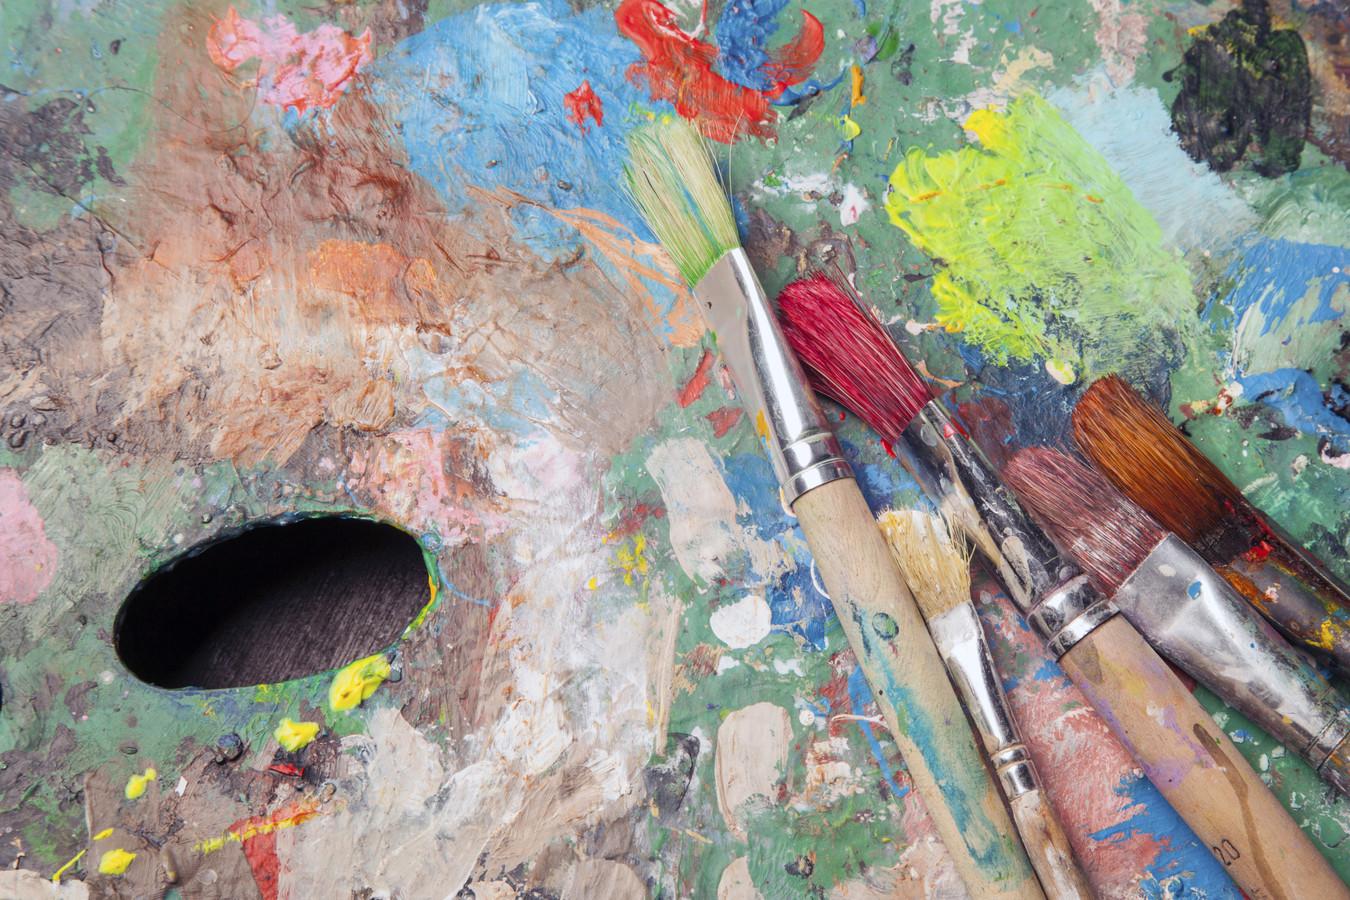 stockadr stockpzc kunst expositie tentoonstelling schilderen schilderij hobby kwast palet schilder